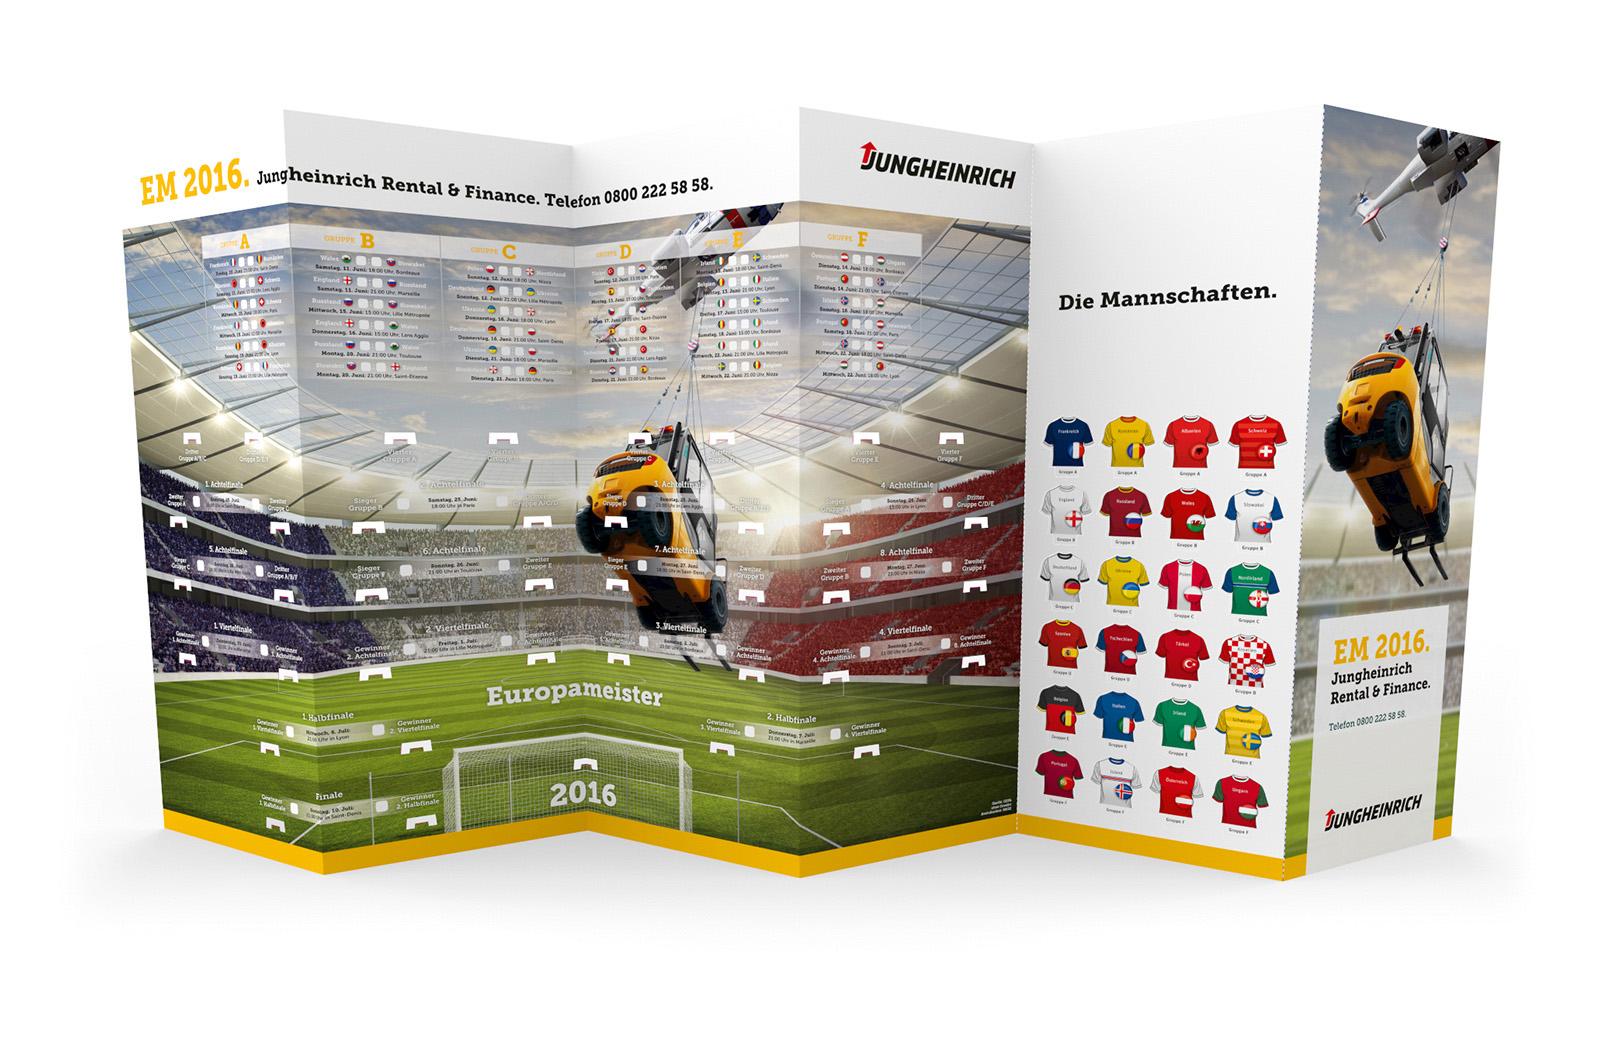 Fussball Spielplan Wandplan Steckplan Werbemittel EM 2020 Kundenbeispiel